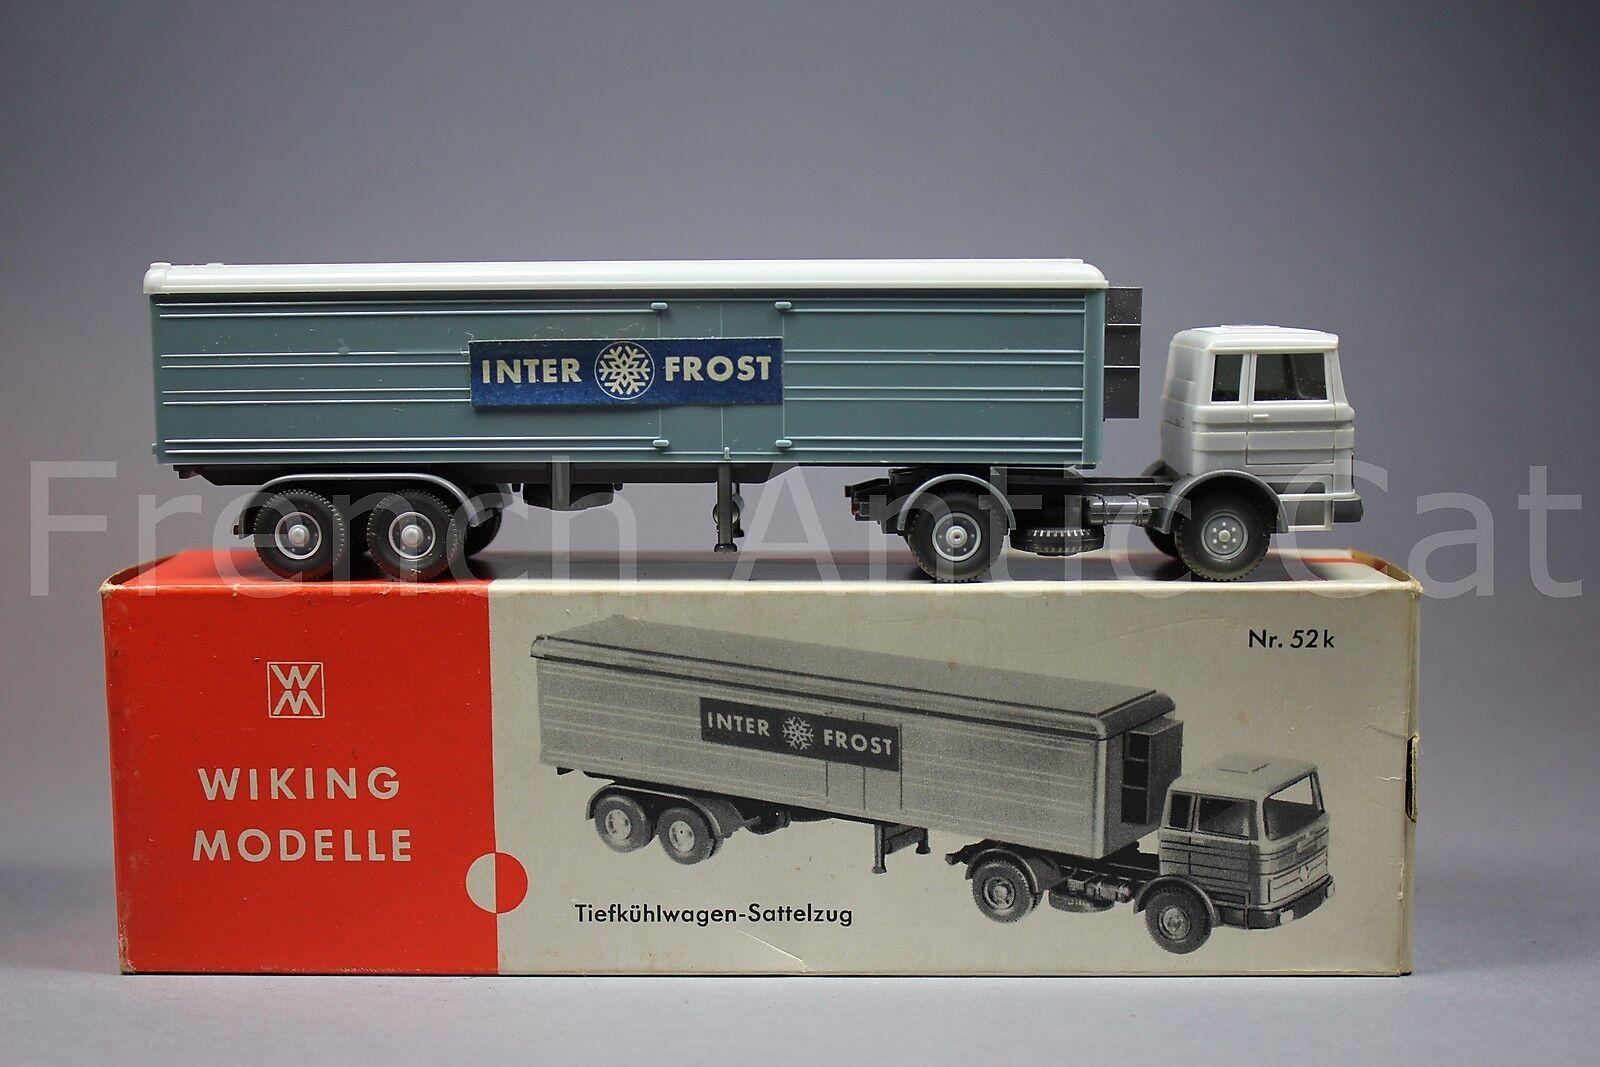 U537 wiking modelle tiefkühlwagen sattelzug inter frost mercedes 1620 oh 52 k 69